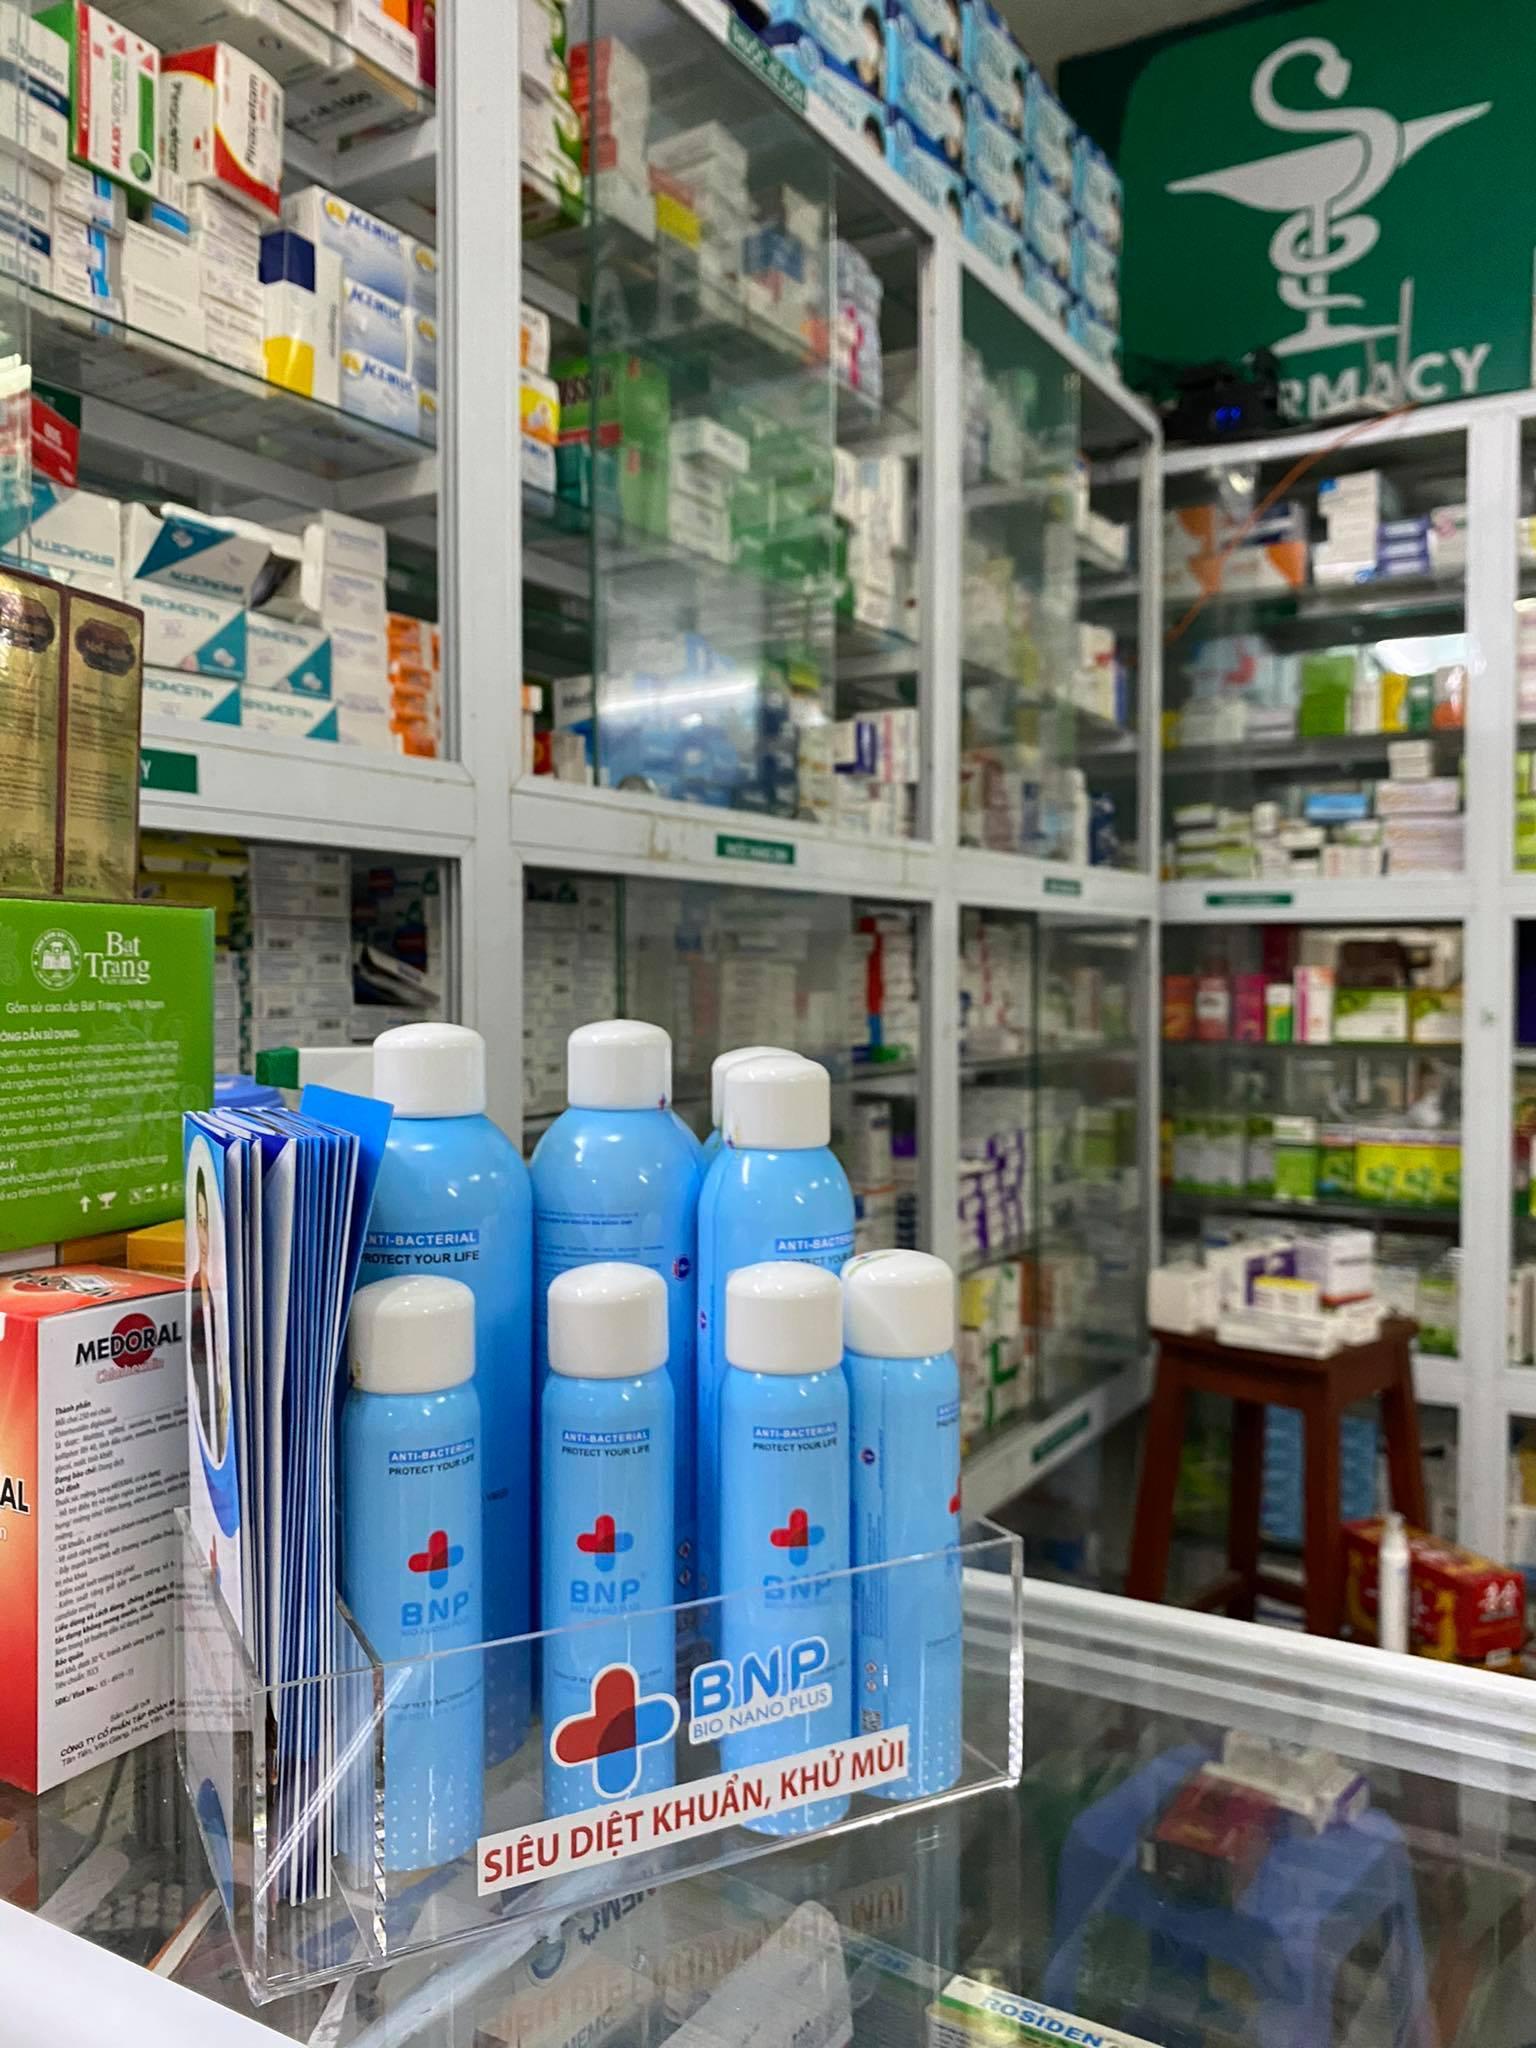 Nên mua dung dịch BNP ở tiệm thuốc